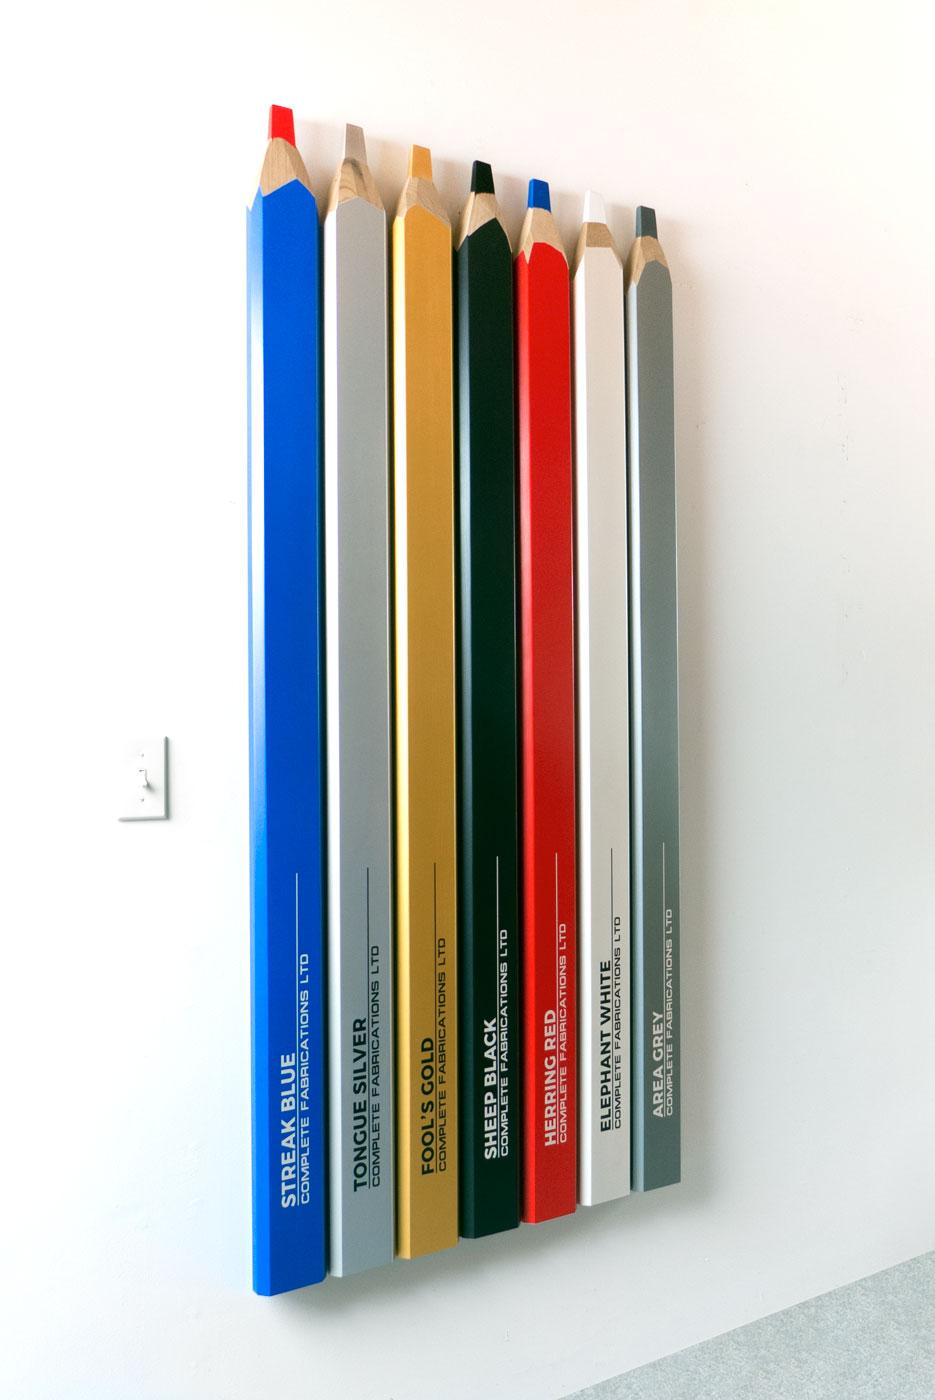 CONCEPTUAL ARTIST'S PENCIL SET  wood, pigment 67 x 32 x 2 inches